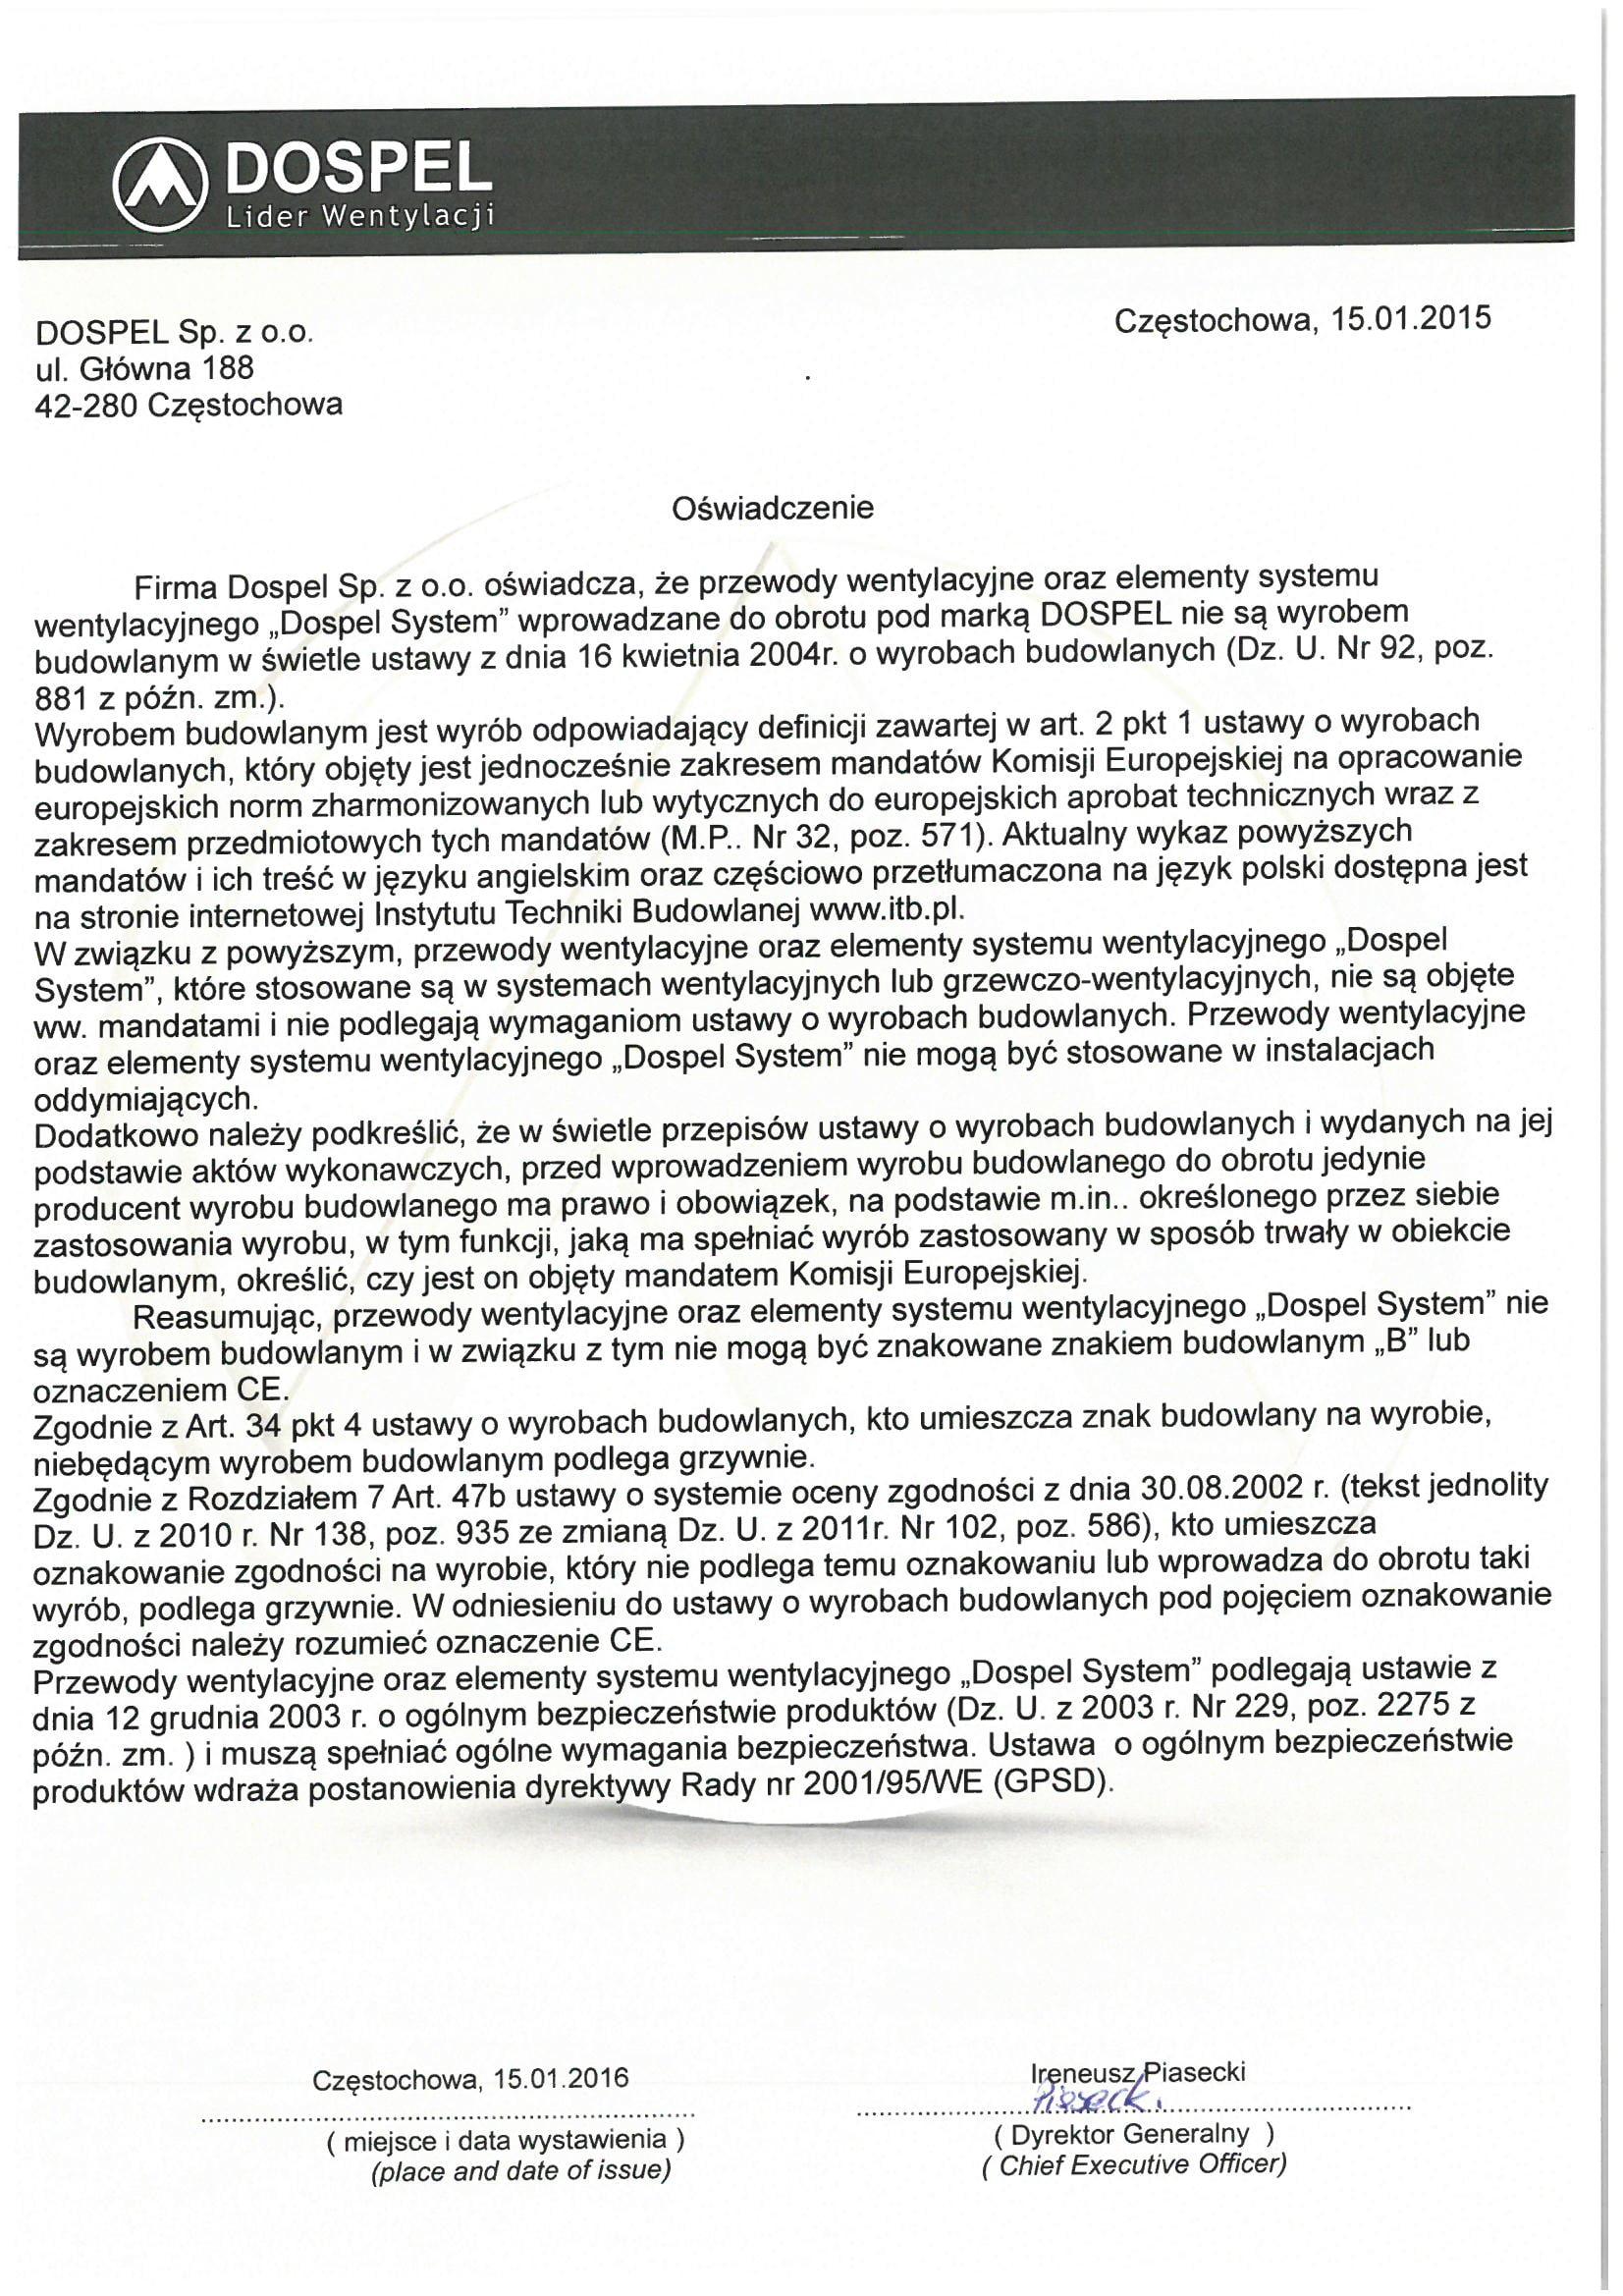 Przewody wentylacyjne, certyfikat, deklaracja zgodności, producent wentylatorów, Dospel